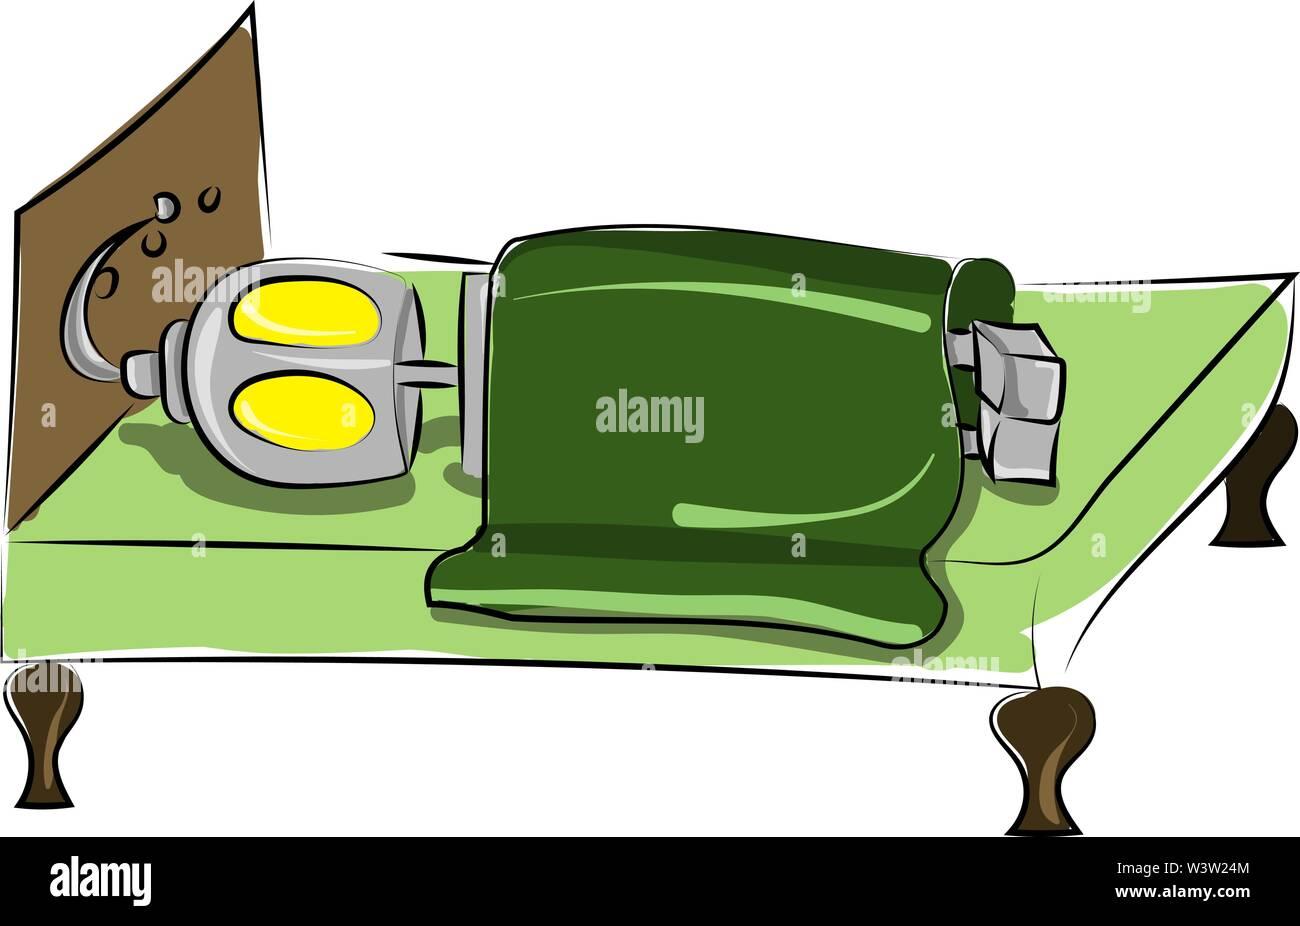 Robot de couchage au lit, illustration, vecteur sur fond blanc Photo Stock